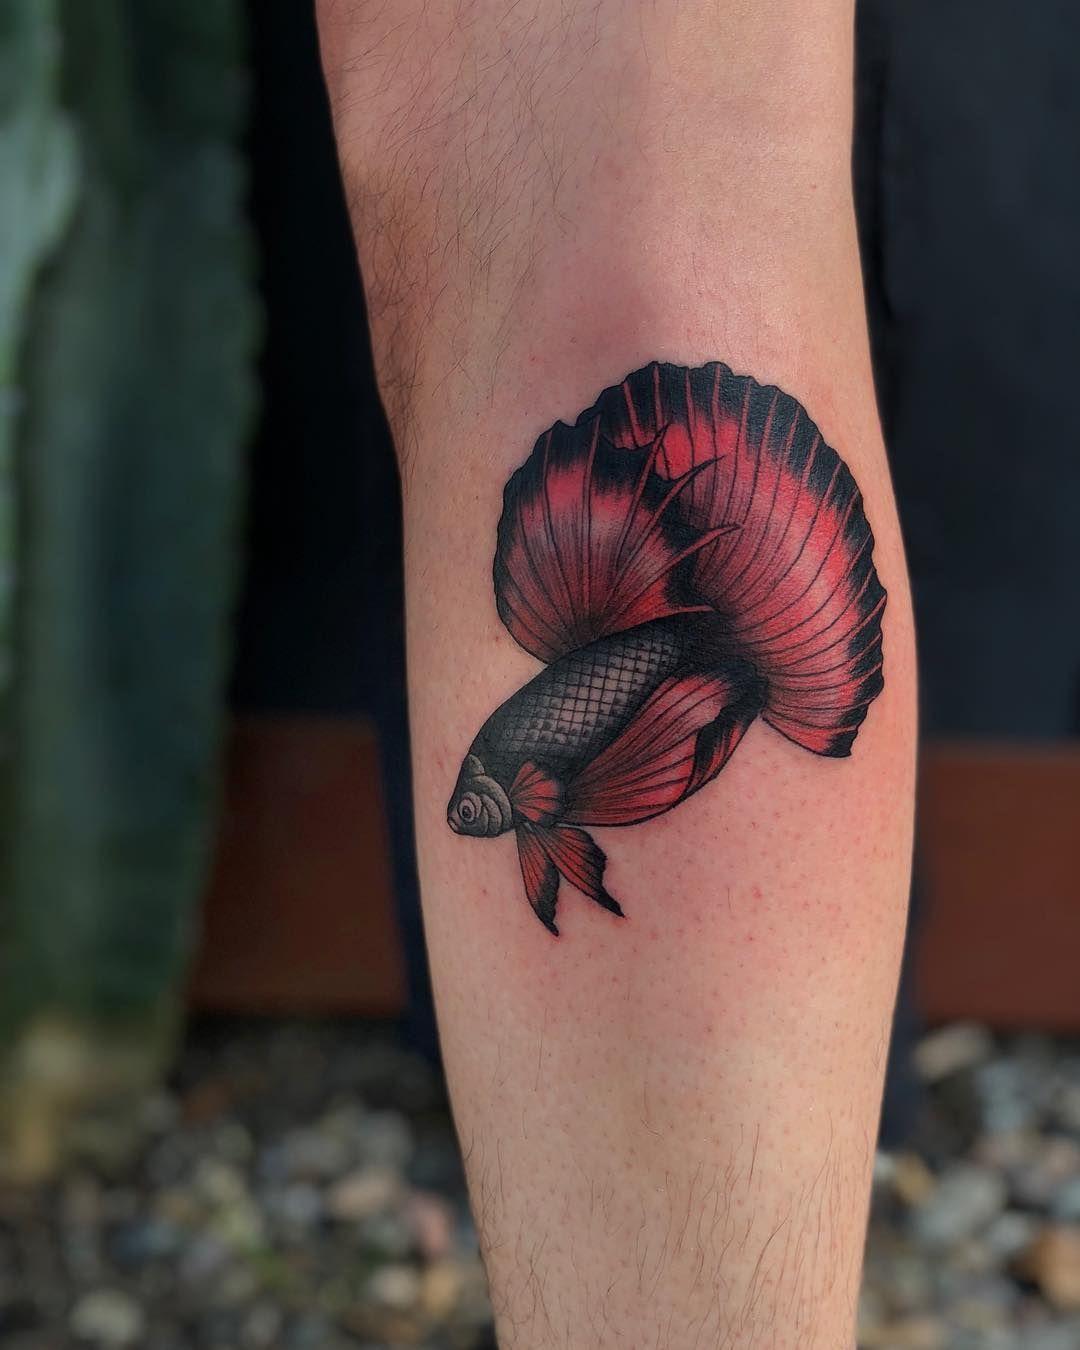 Beta Fish Tattoo Tattoo Ideas and Inspiration Collar